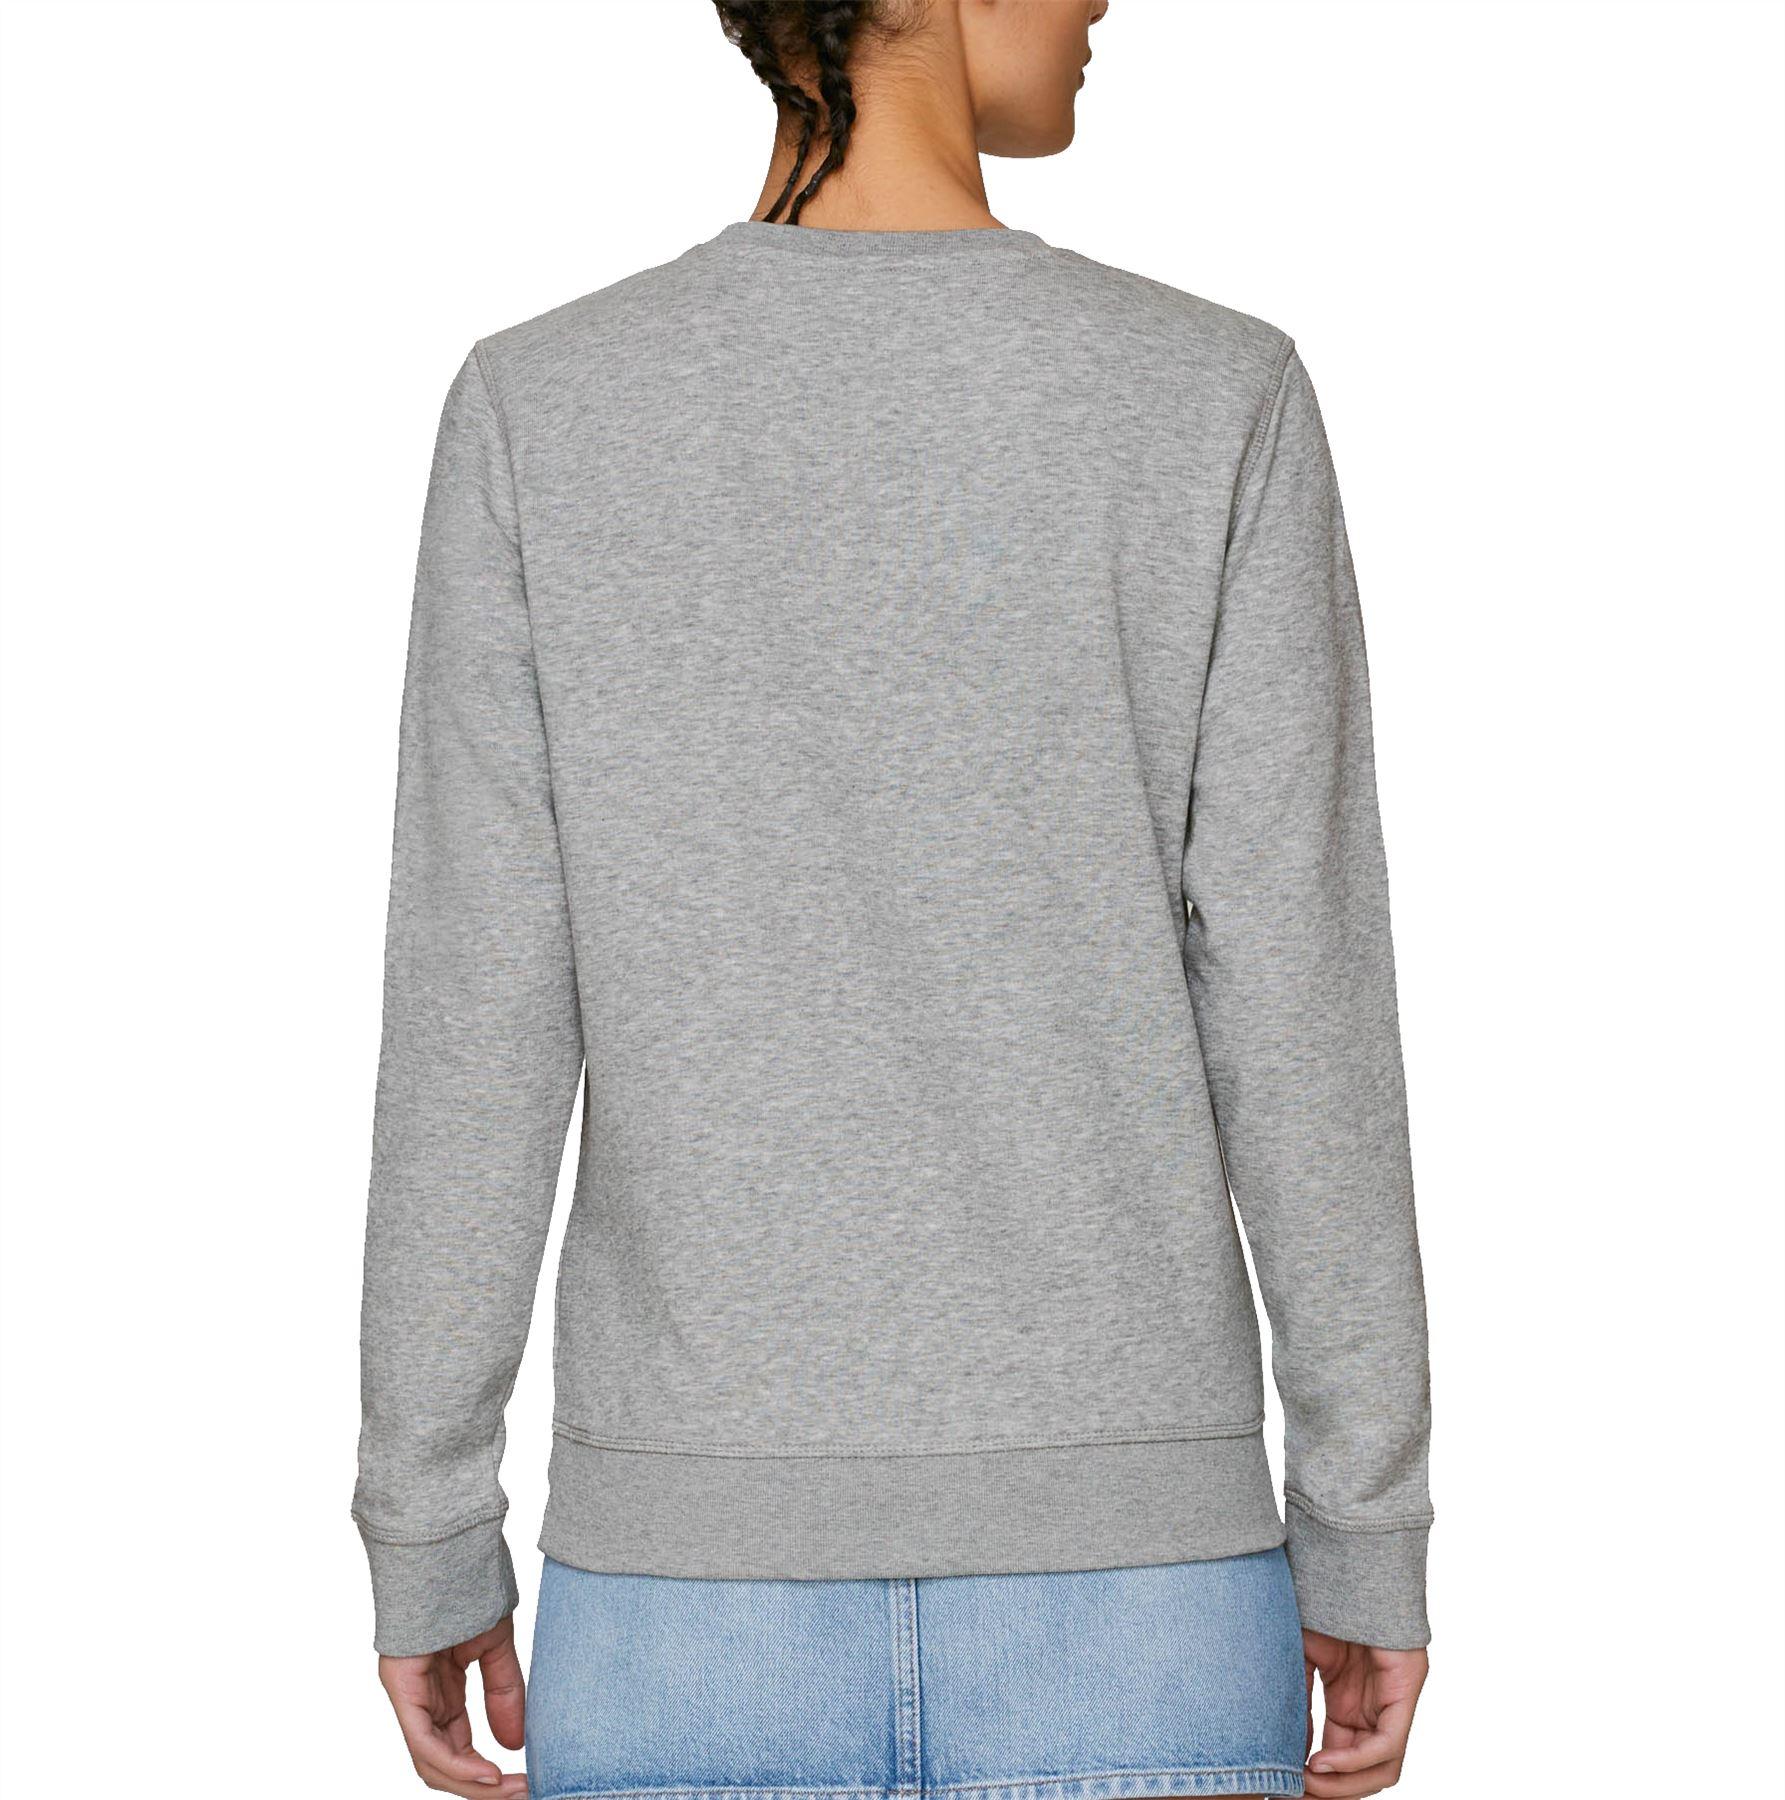 Flawless Victory Heather Grey Adult Crew Neck Sweatshirt